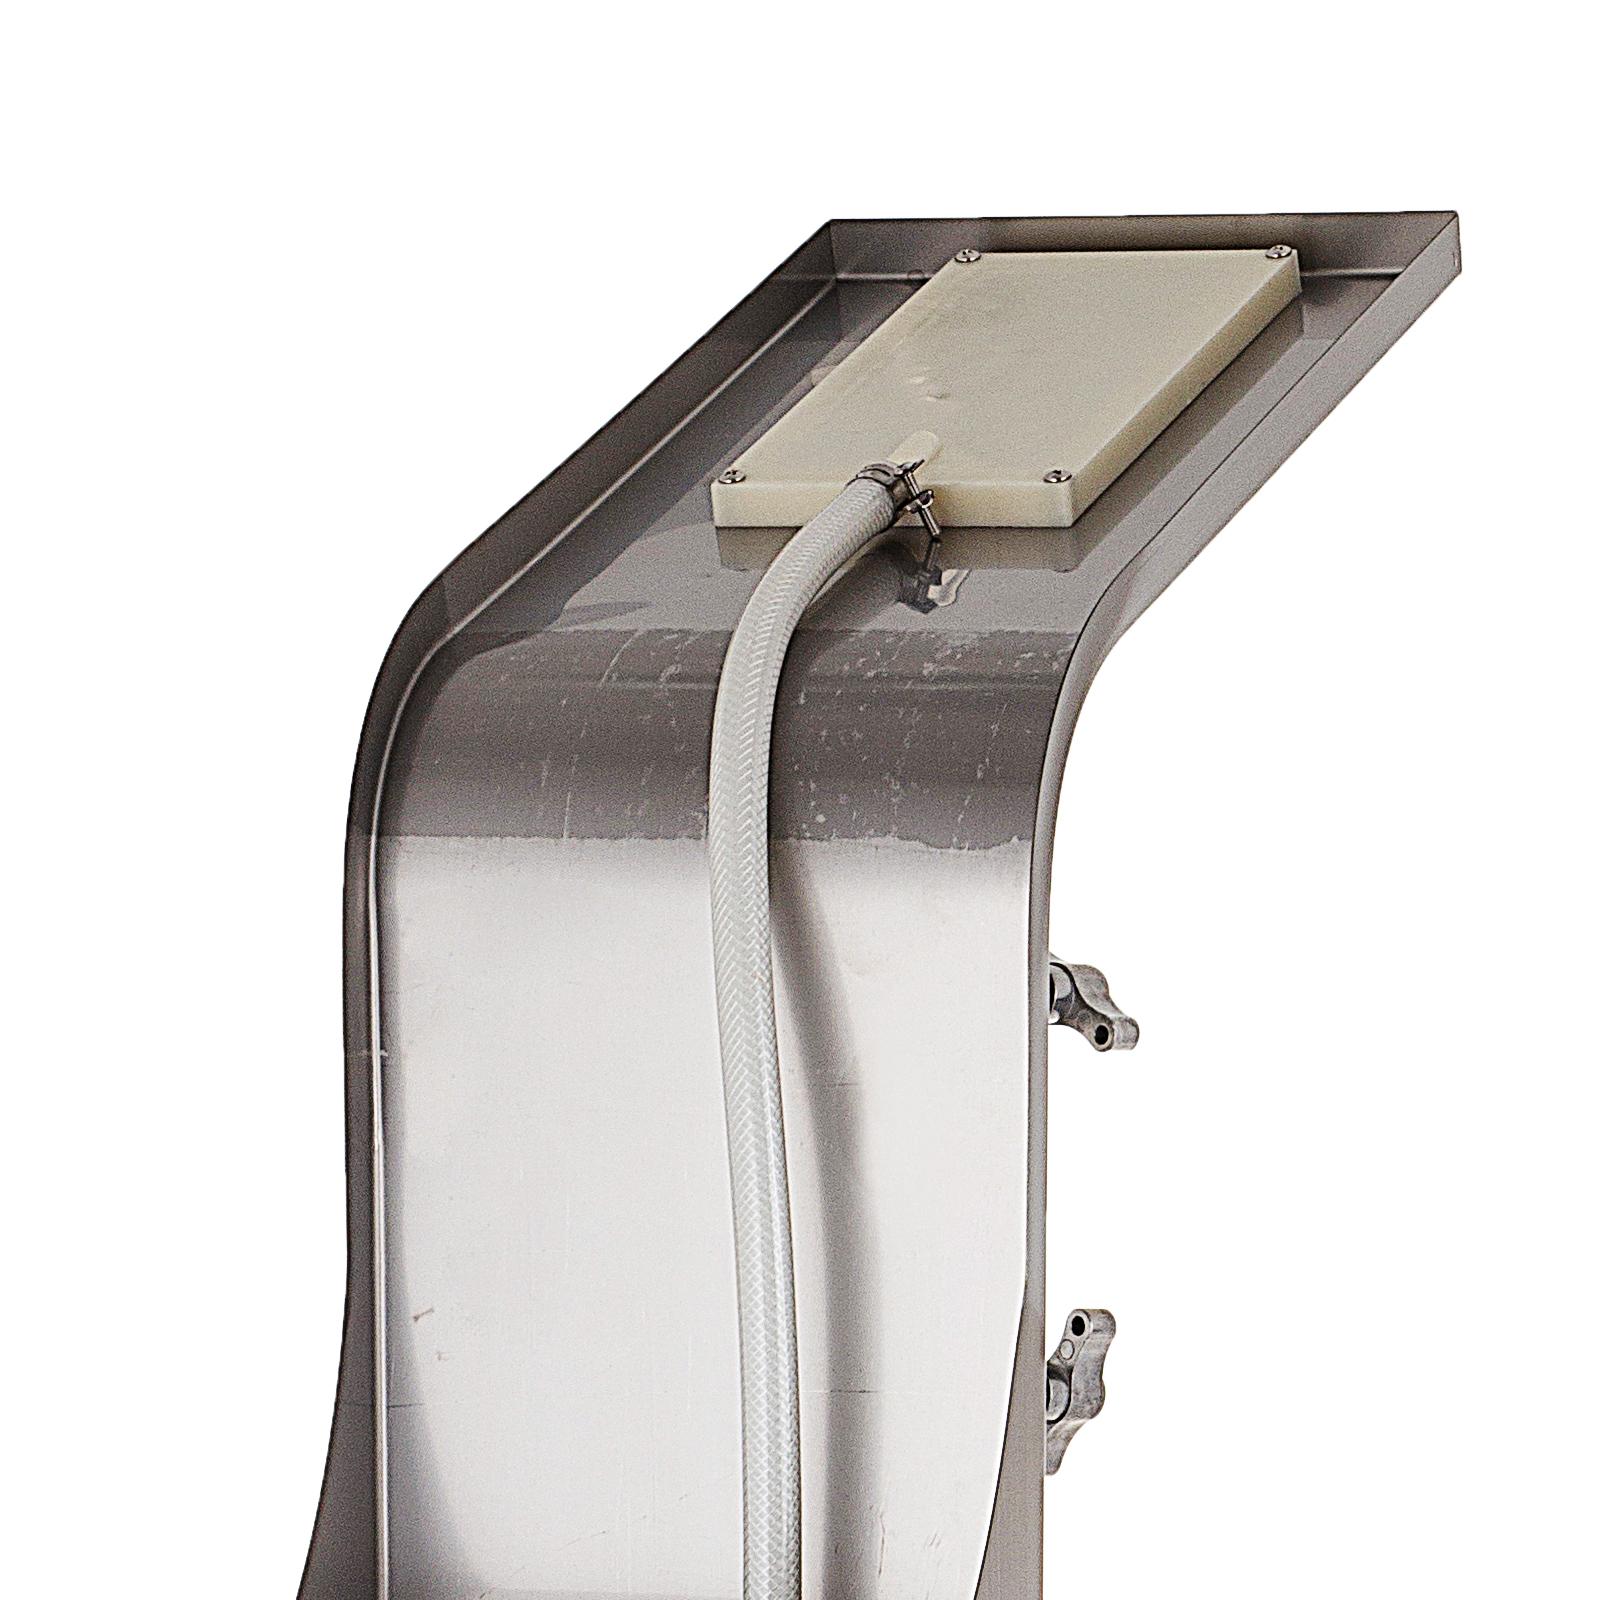 Pannello-doccia-idromassaggio-colonna-in-acciaio-inossidabile-con-miscelatore miniatura 45